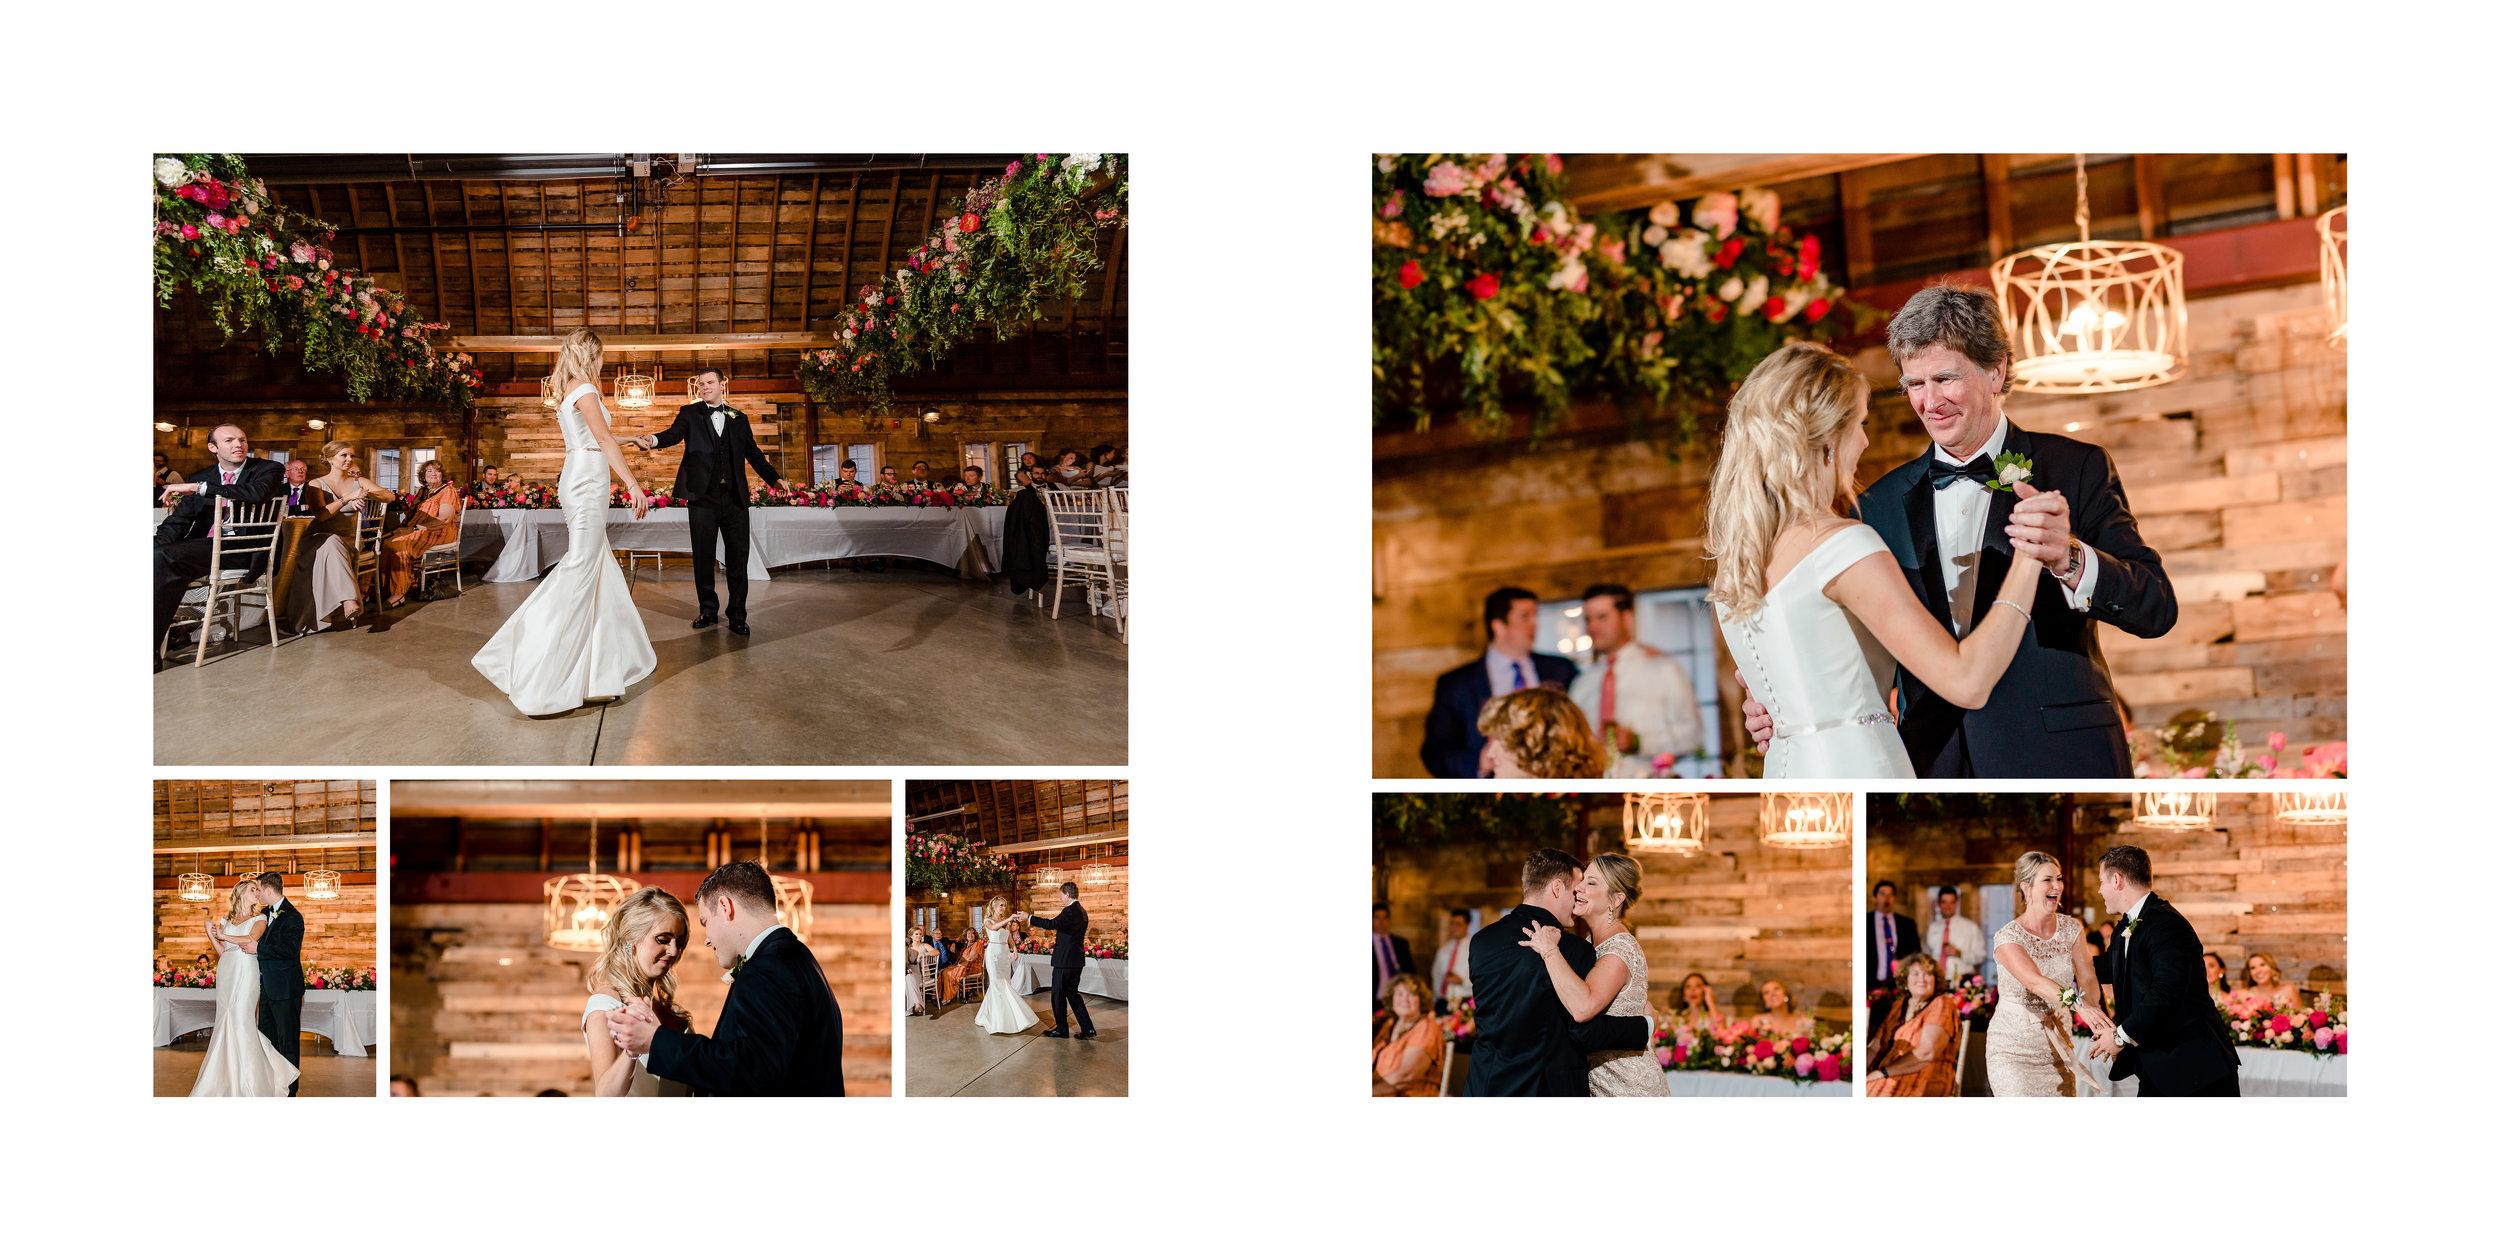 Amanda + Justin - Wedding Album_37.jpg